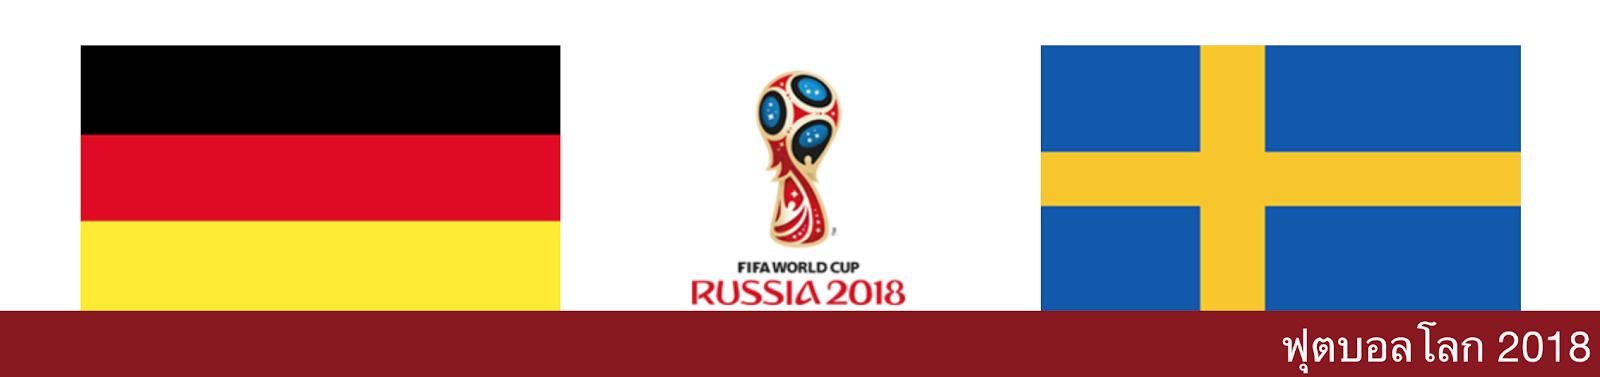 แทงบอลออนไลน์ วิเคราะห์บอล ฟุตบอลโลก ระหว่าง เยอรมัน กับ สวีเดน